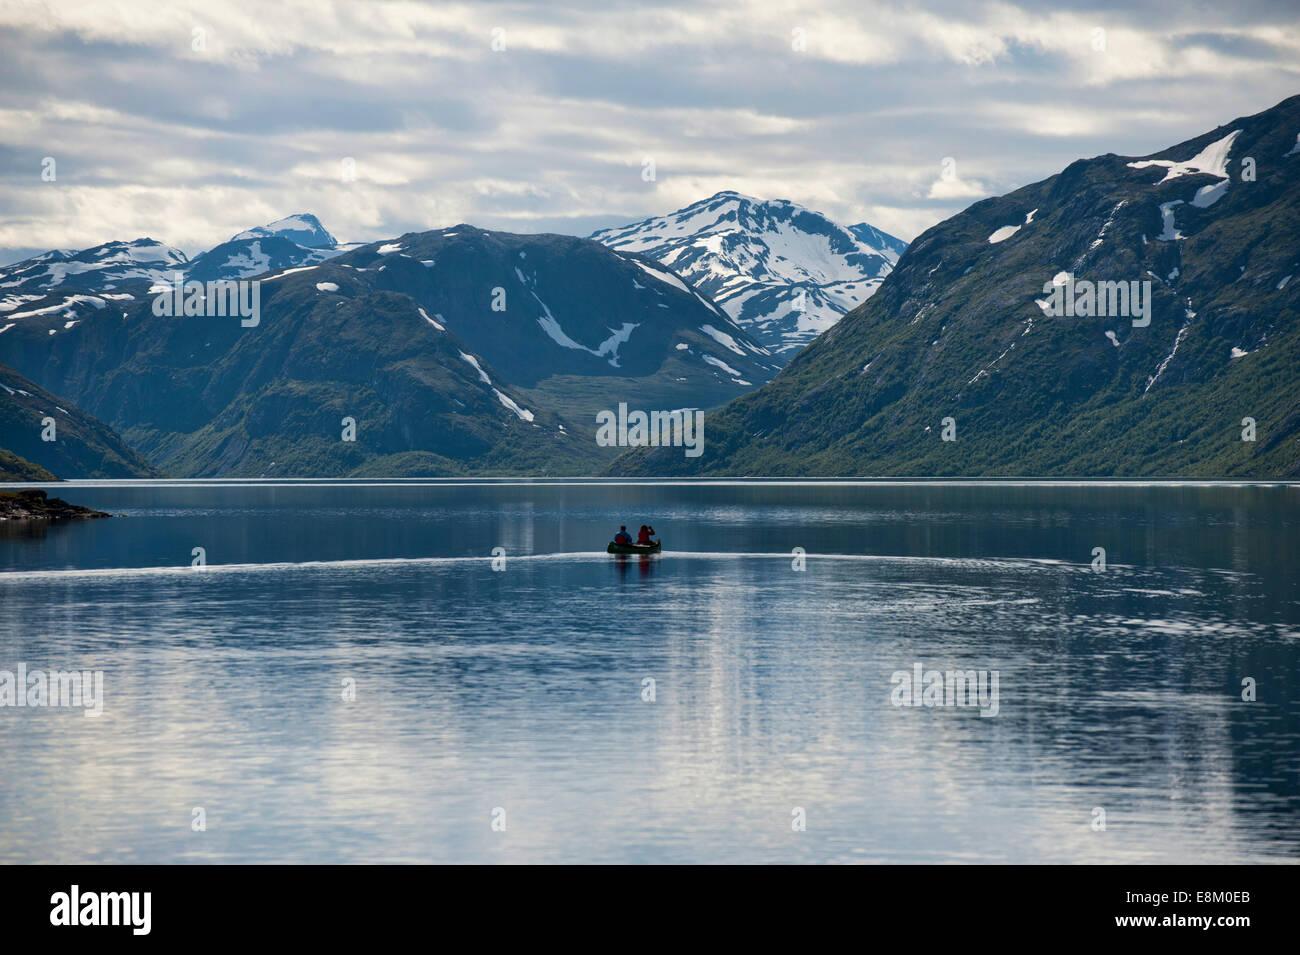 The Gjelde fjord where the epic trekking for Besseggen starts - Stock Image